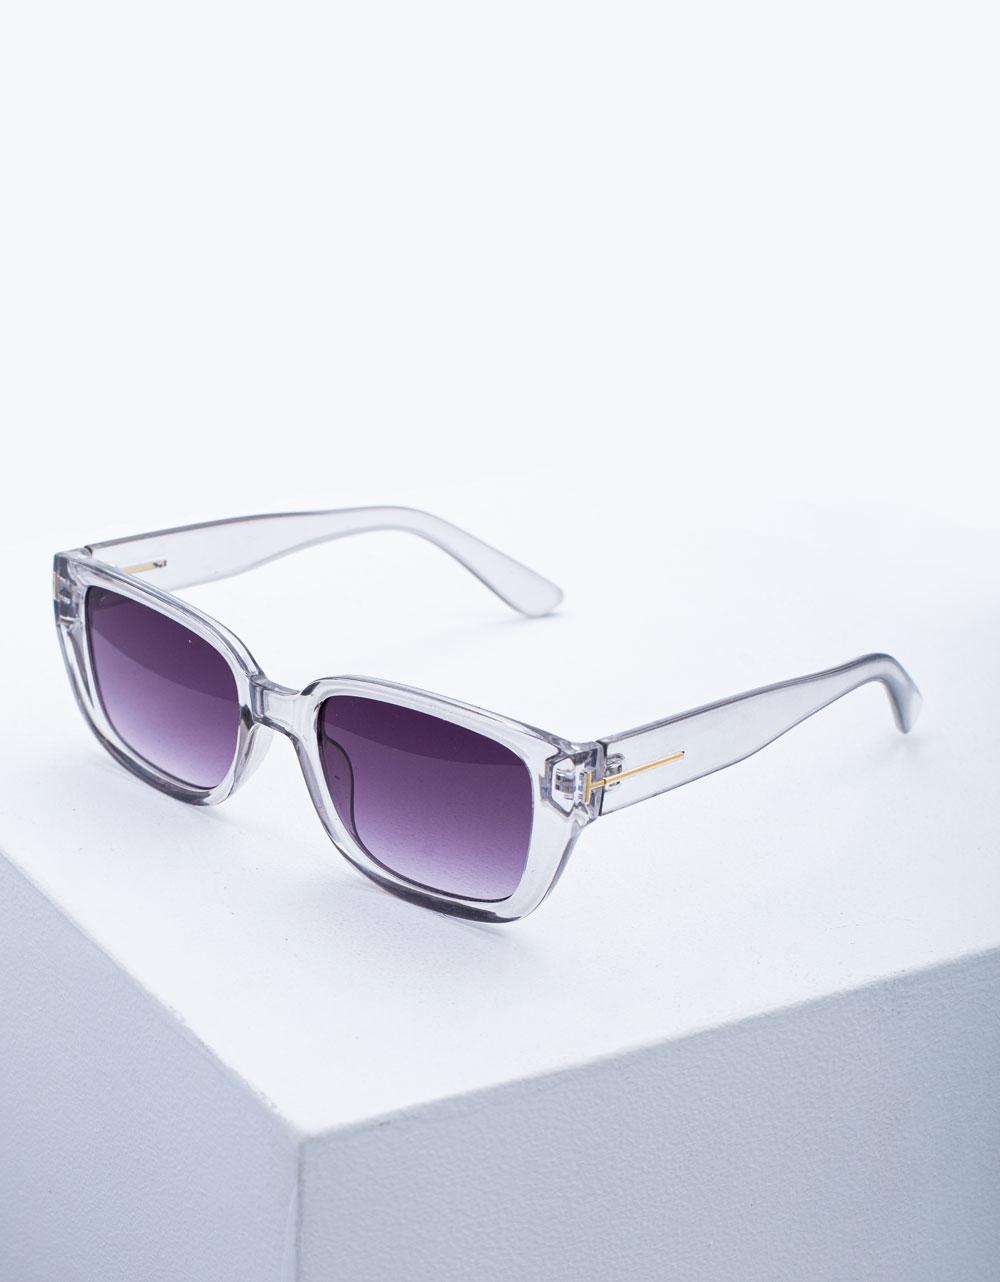 Εικόνα από Γυναικεία γυαλιά ηλίου σε τετράγωνο σχήμα Φυσικό